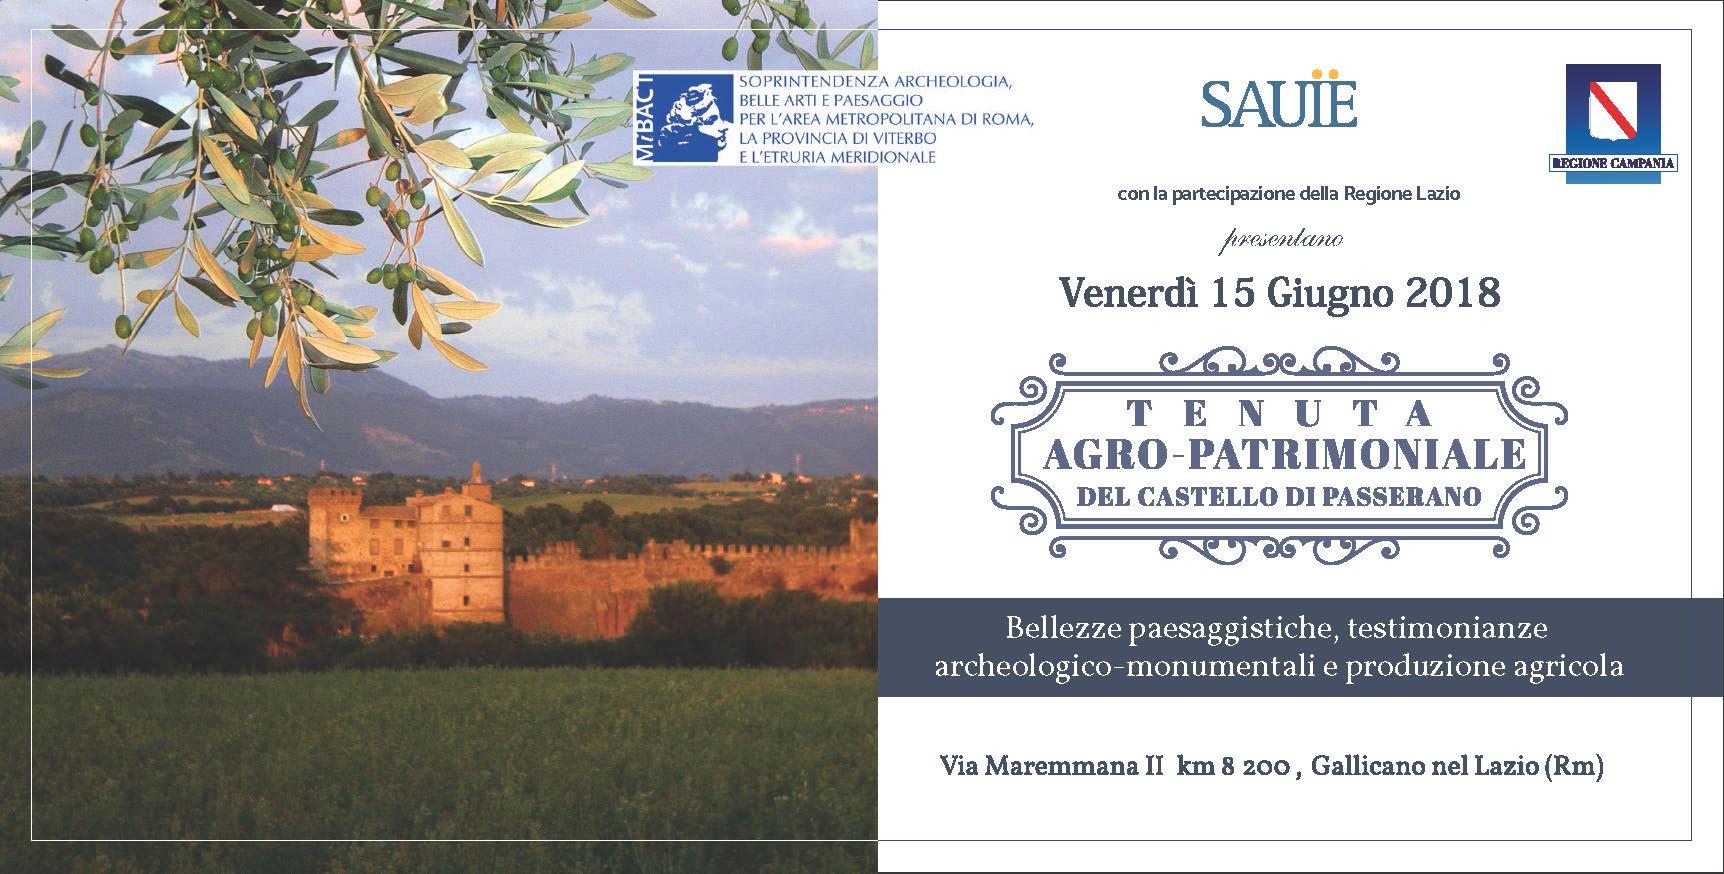 Locandina-invito - Tenuta di Passerano 15.6.18_Pagina_1